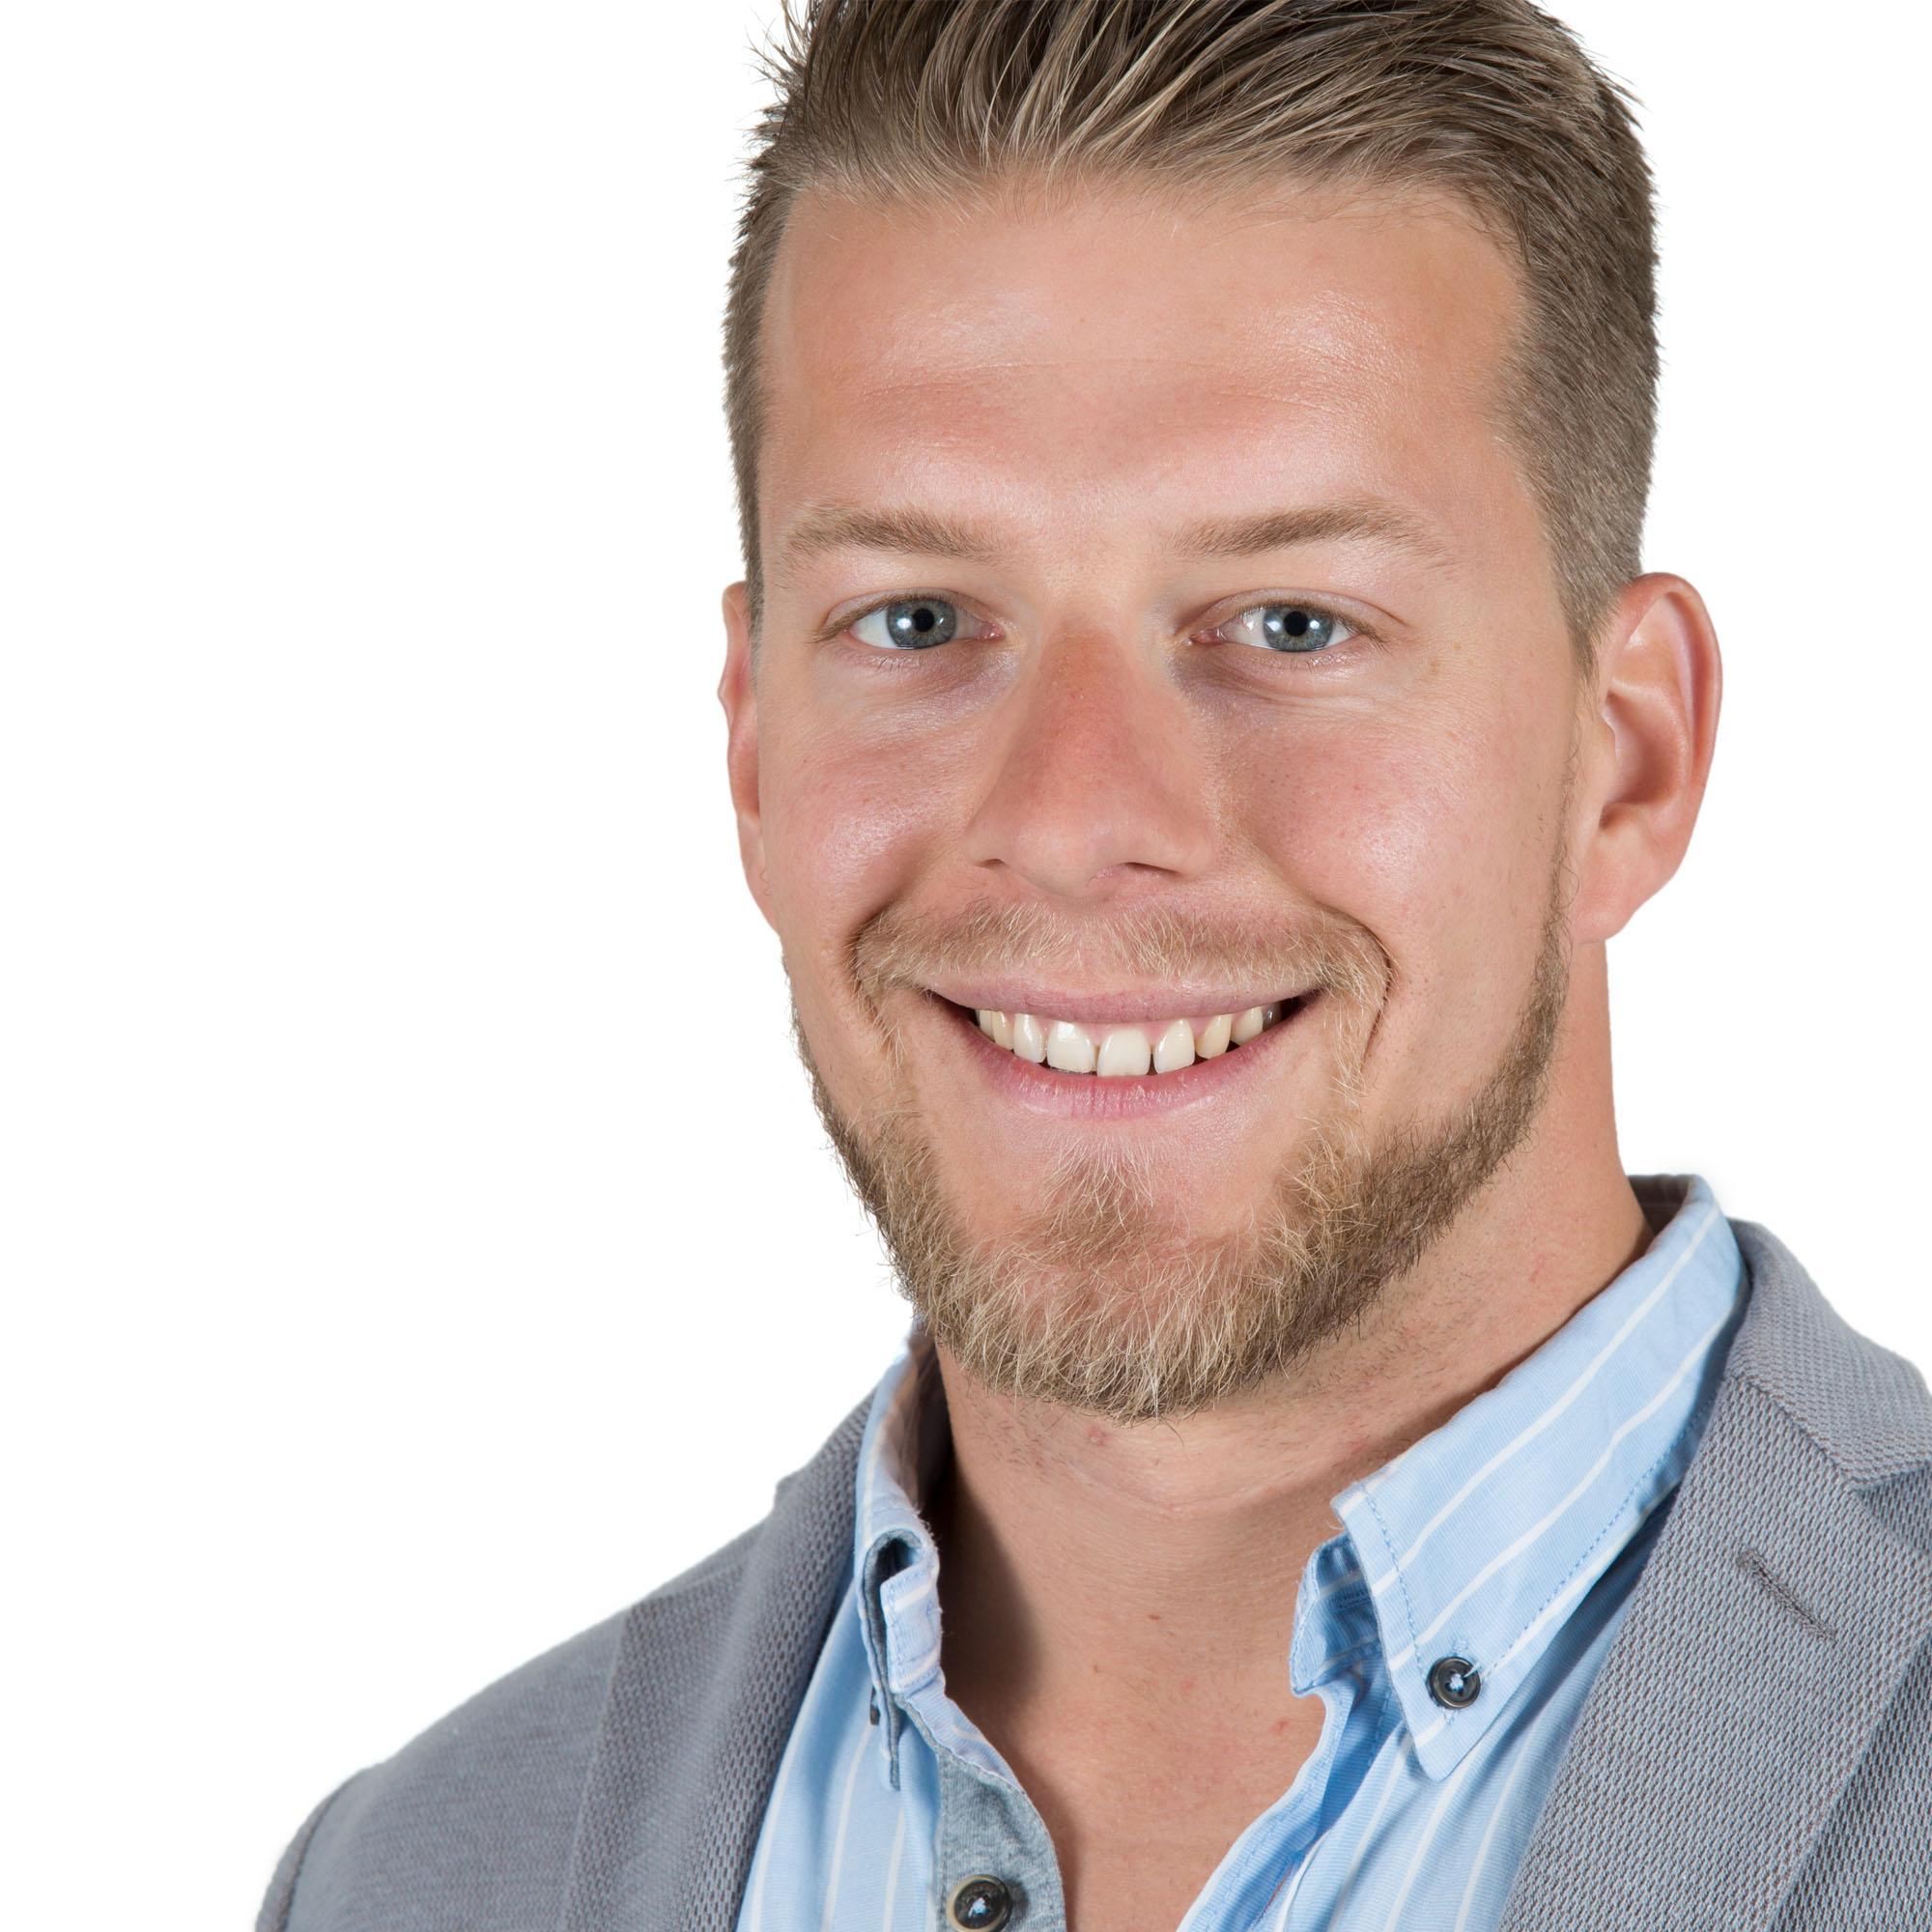 Bfoto Utrecht Fotograaf studio portret LinkedIn profielfoto dagen Jens